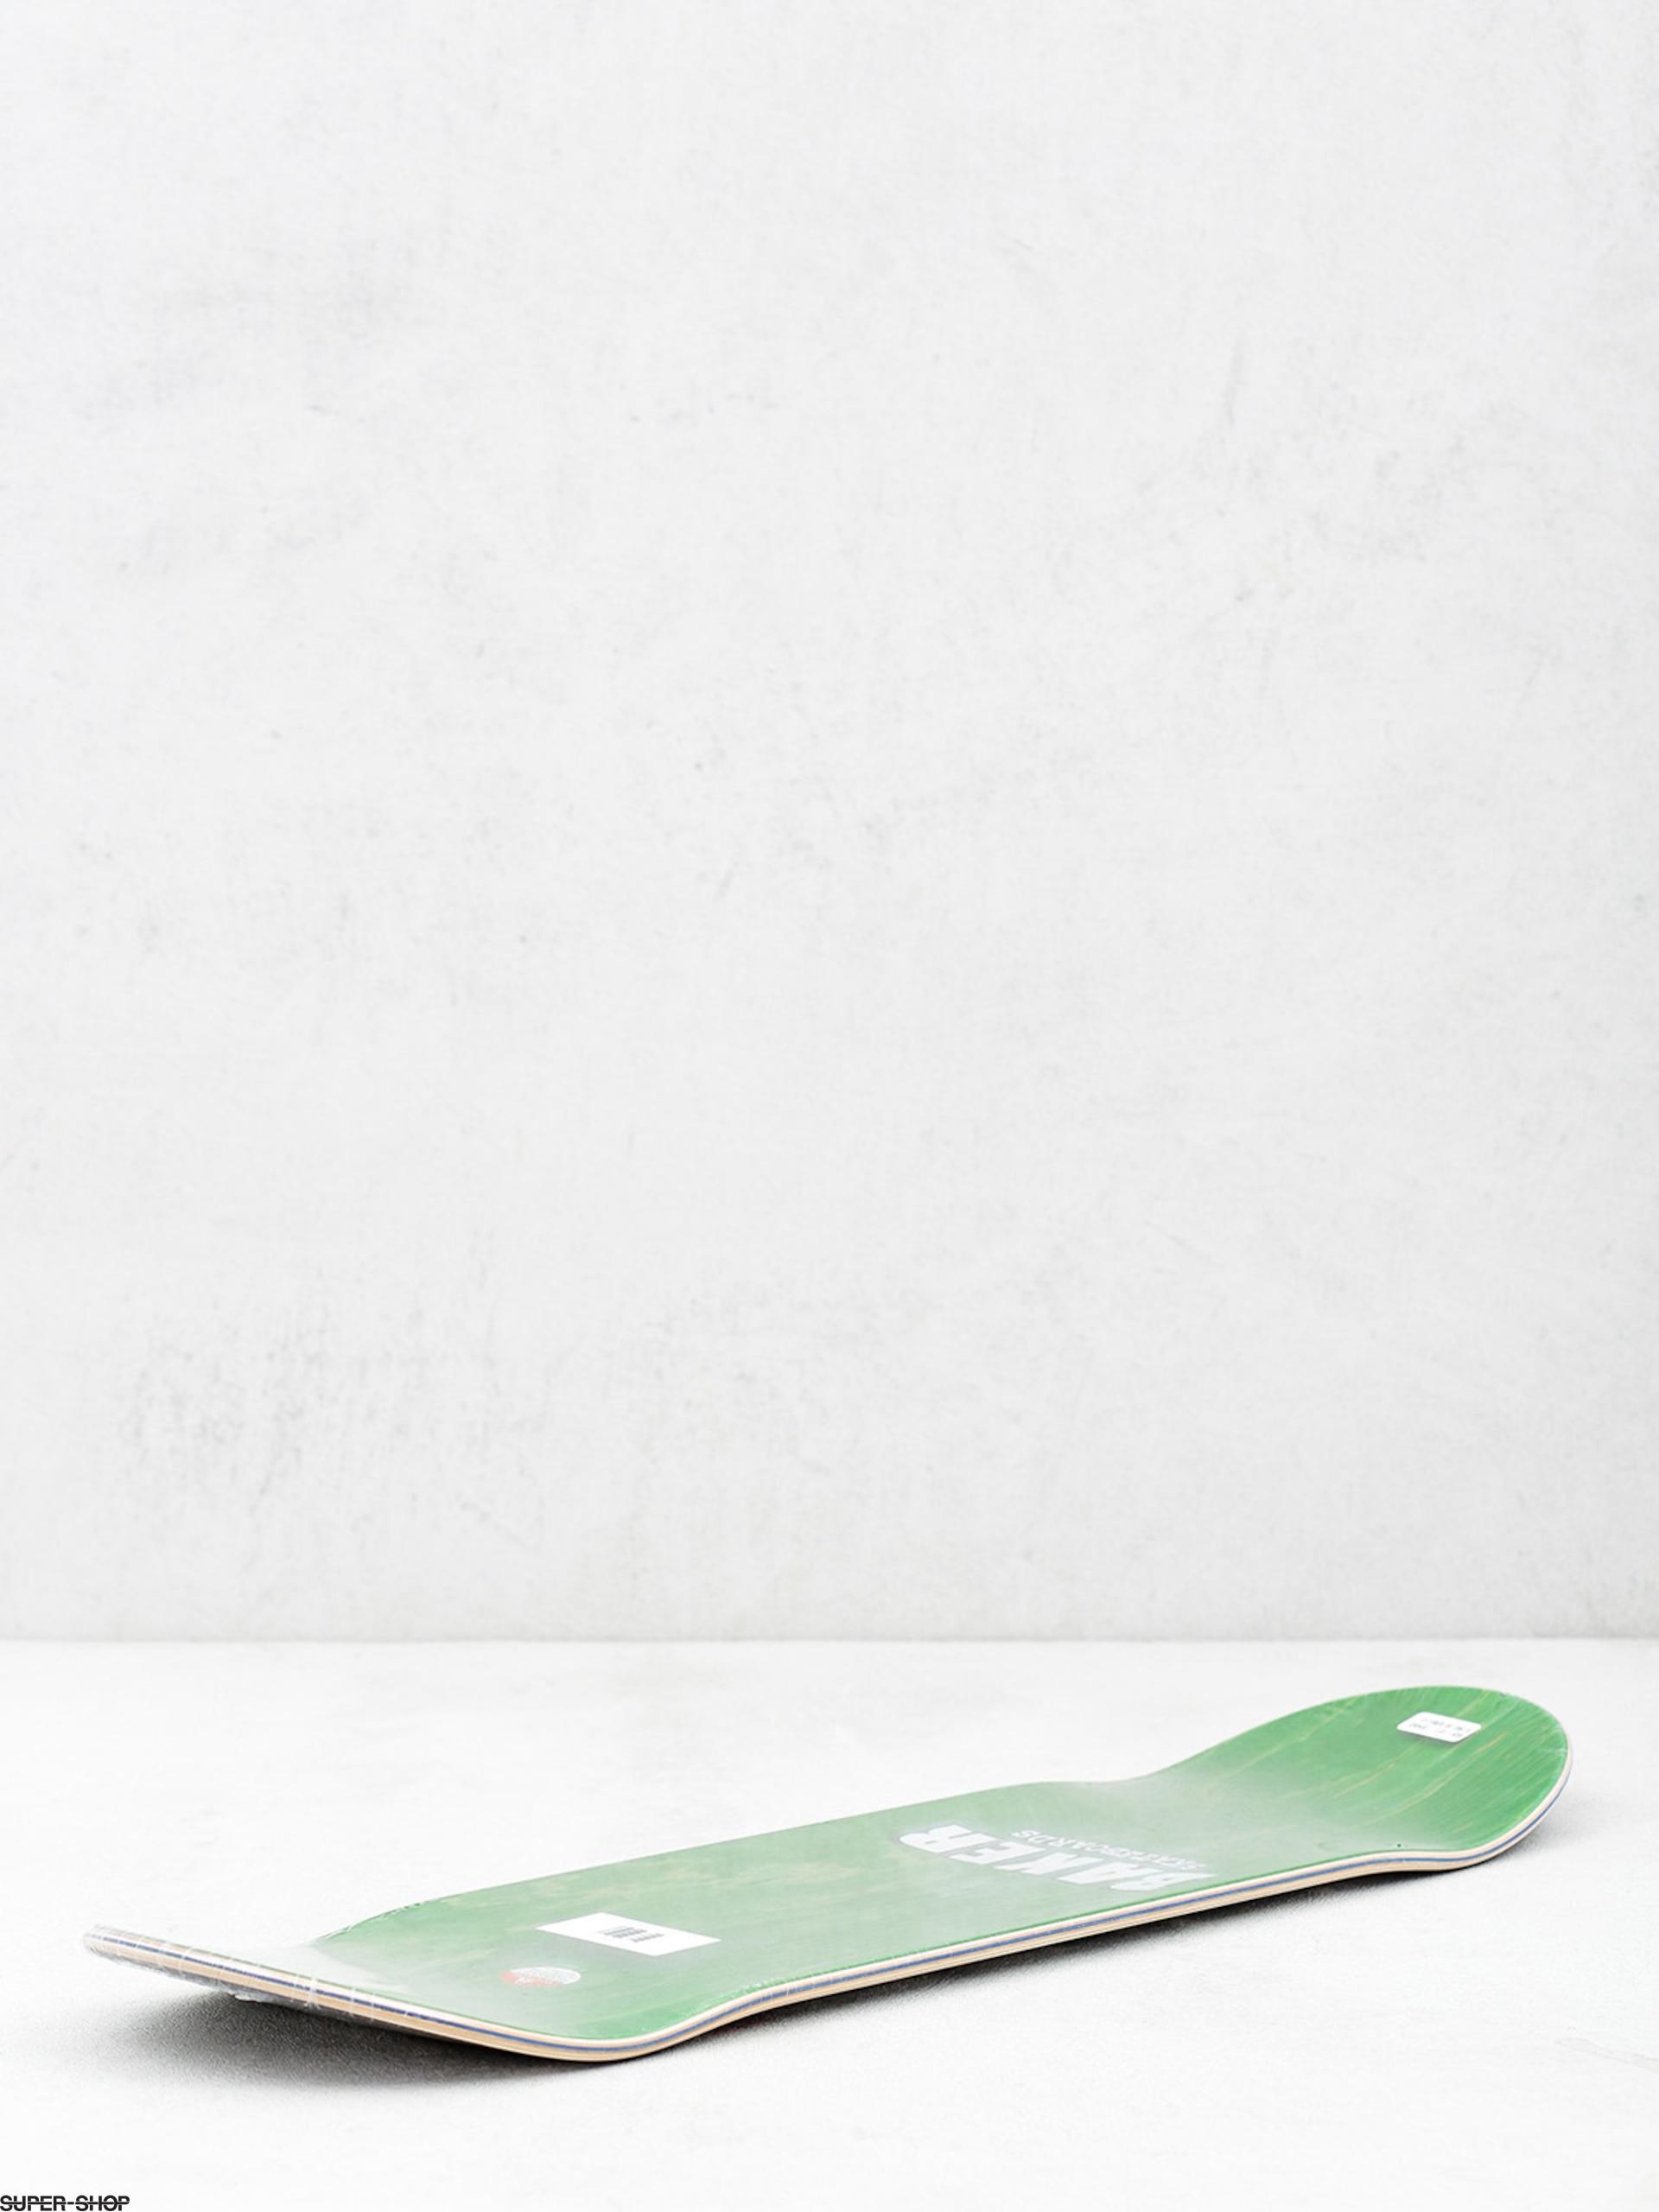 Baker Deck Brand Logo Black White Skateboard Red Foil